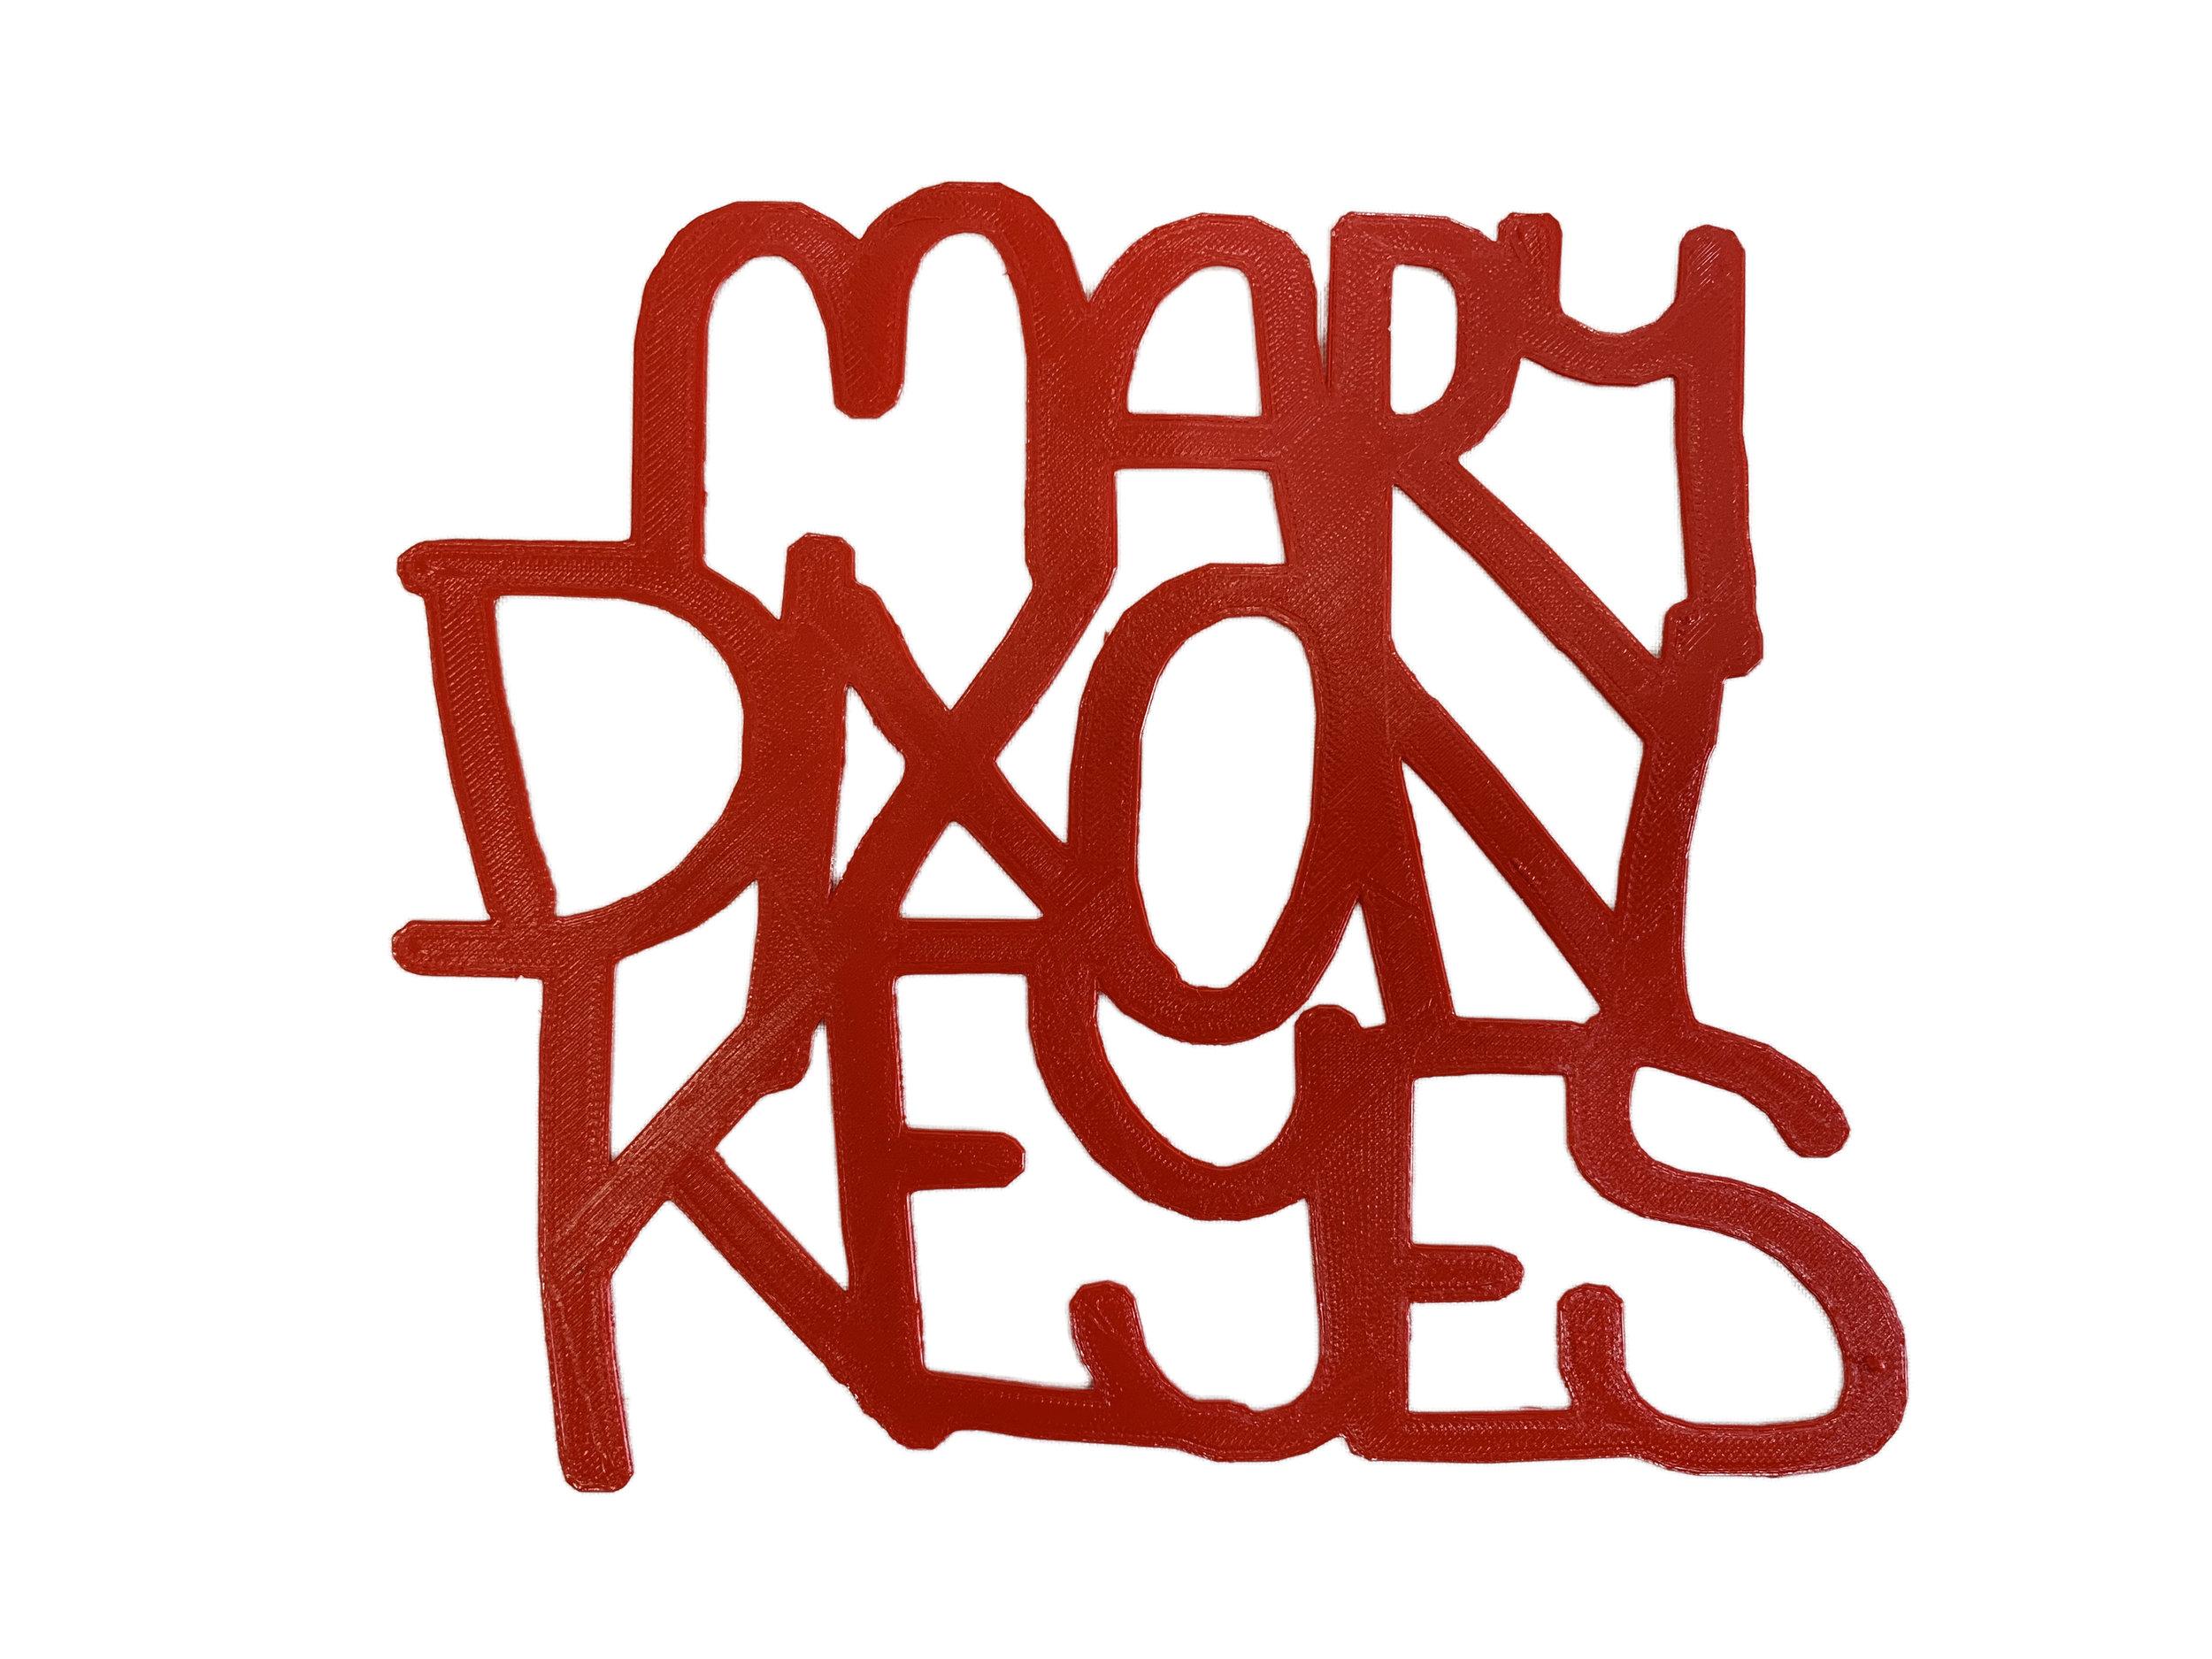 MaryDixonKeyesNoBackground.jpg